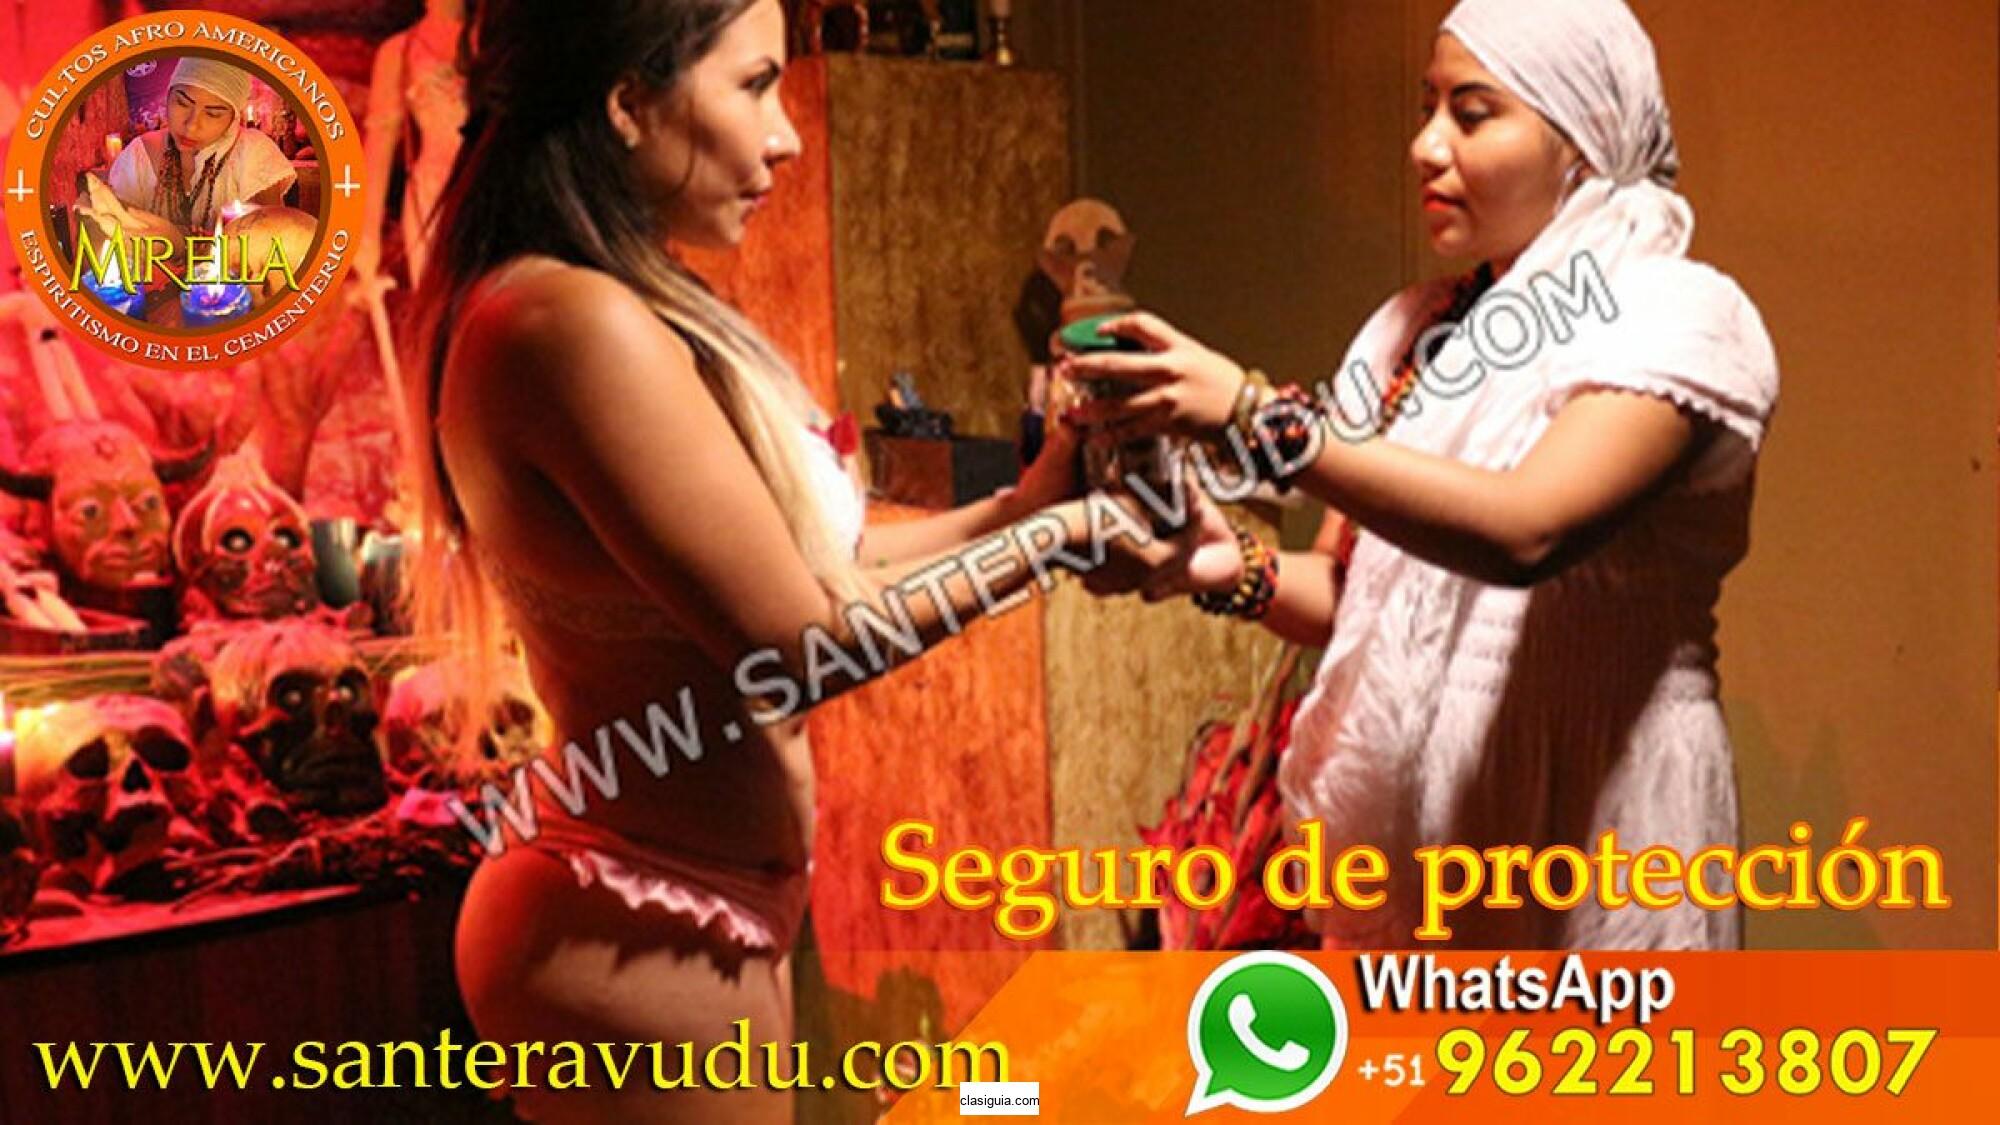 SANTERA VUDU MIRELLA EN PERU